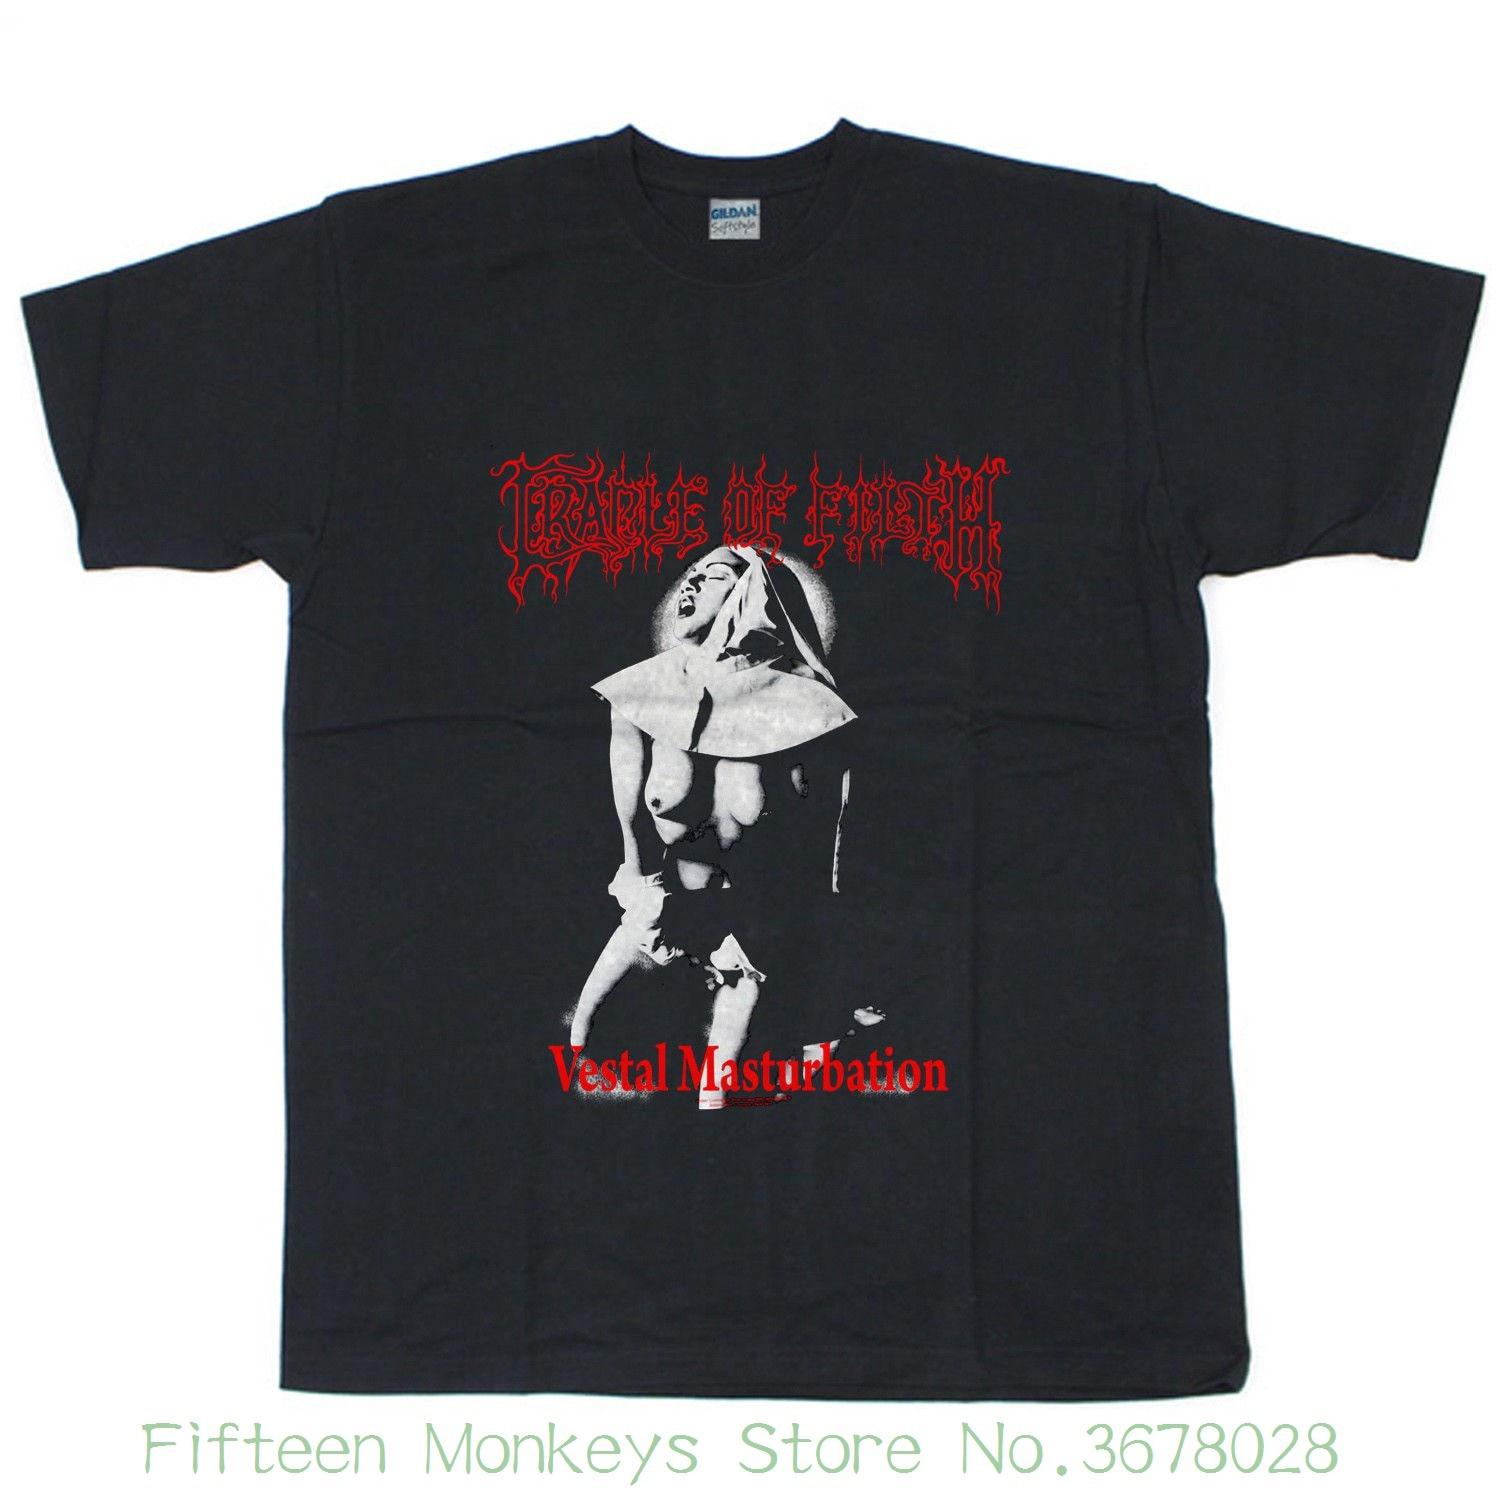 Frauen T Vintage 1990 S Cradle Of Filth Vestal T-shirt Nachdruck Größe S-2xl Europäischen Stil Hip Hop S-xl